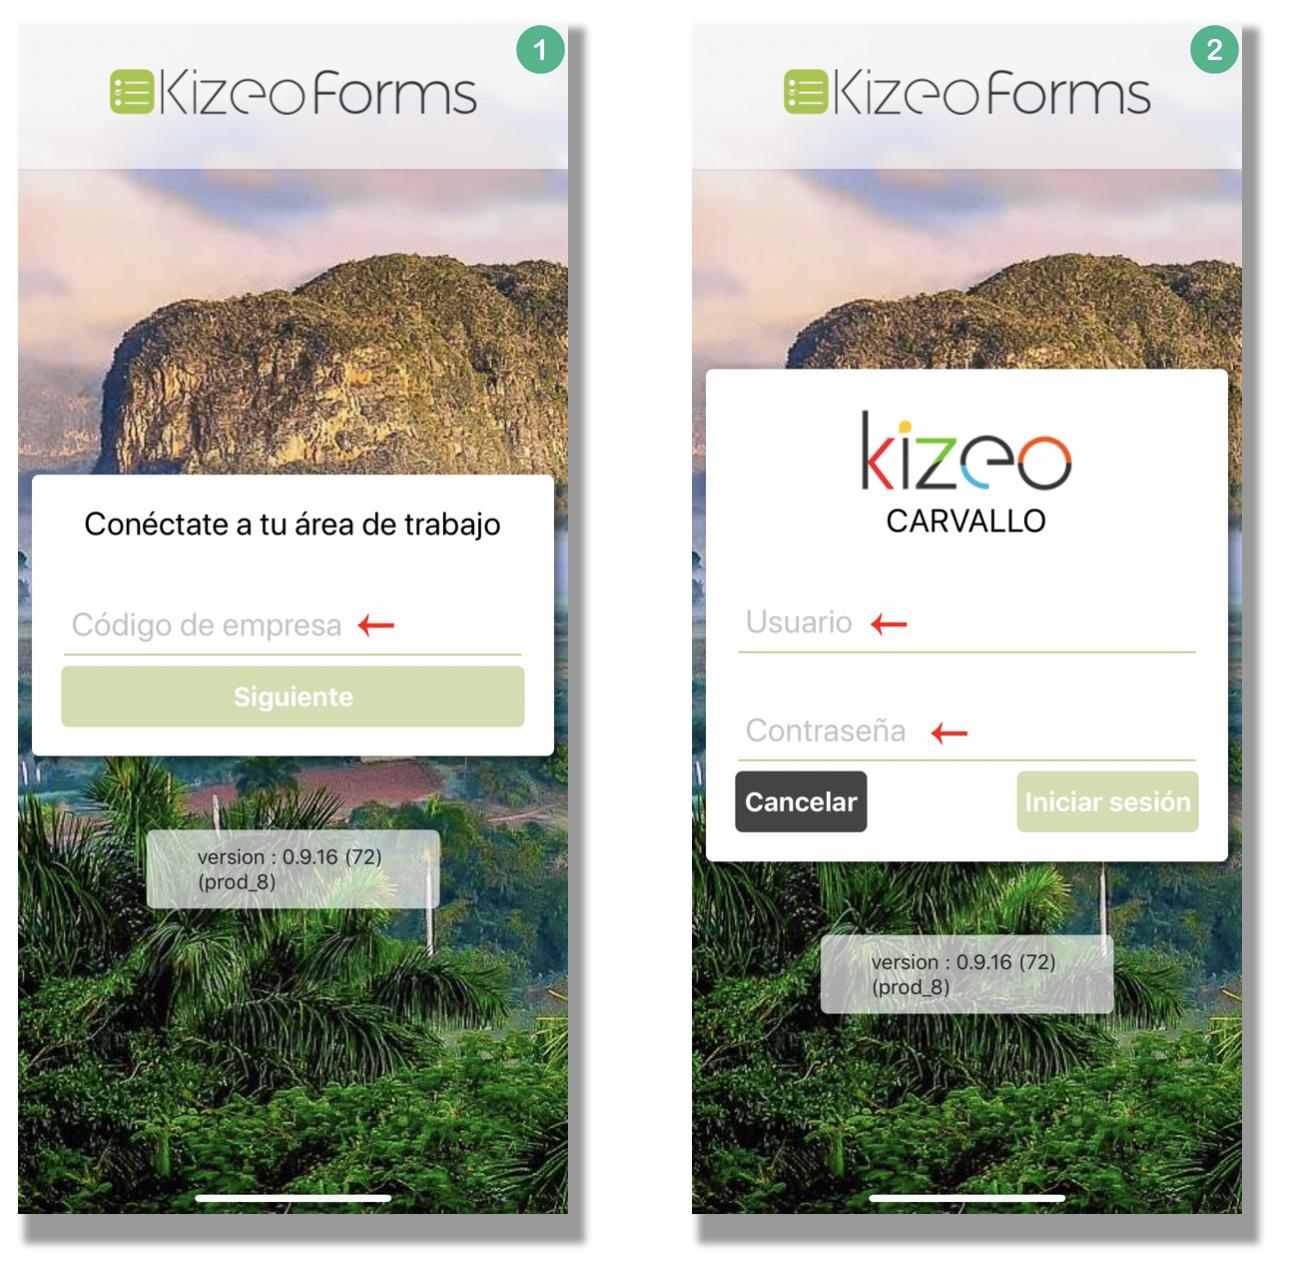 Conectate a tu cuenta Kizeo Forms